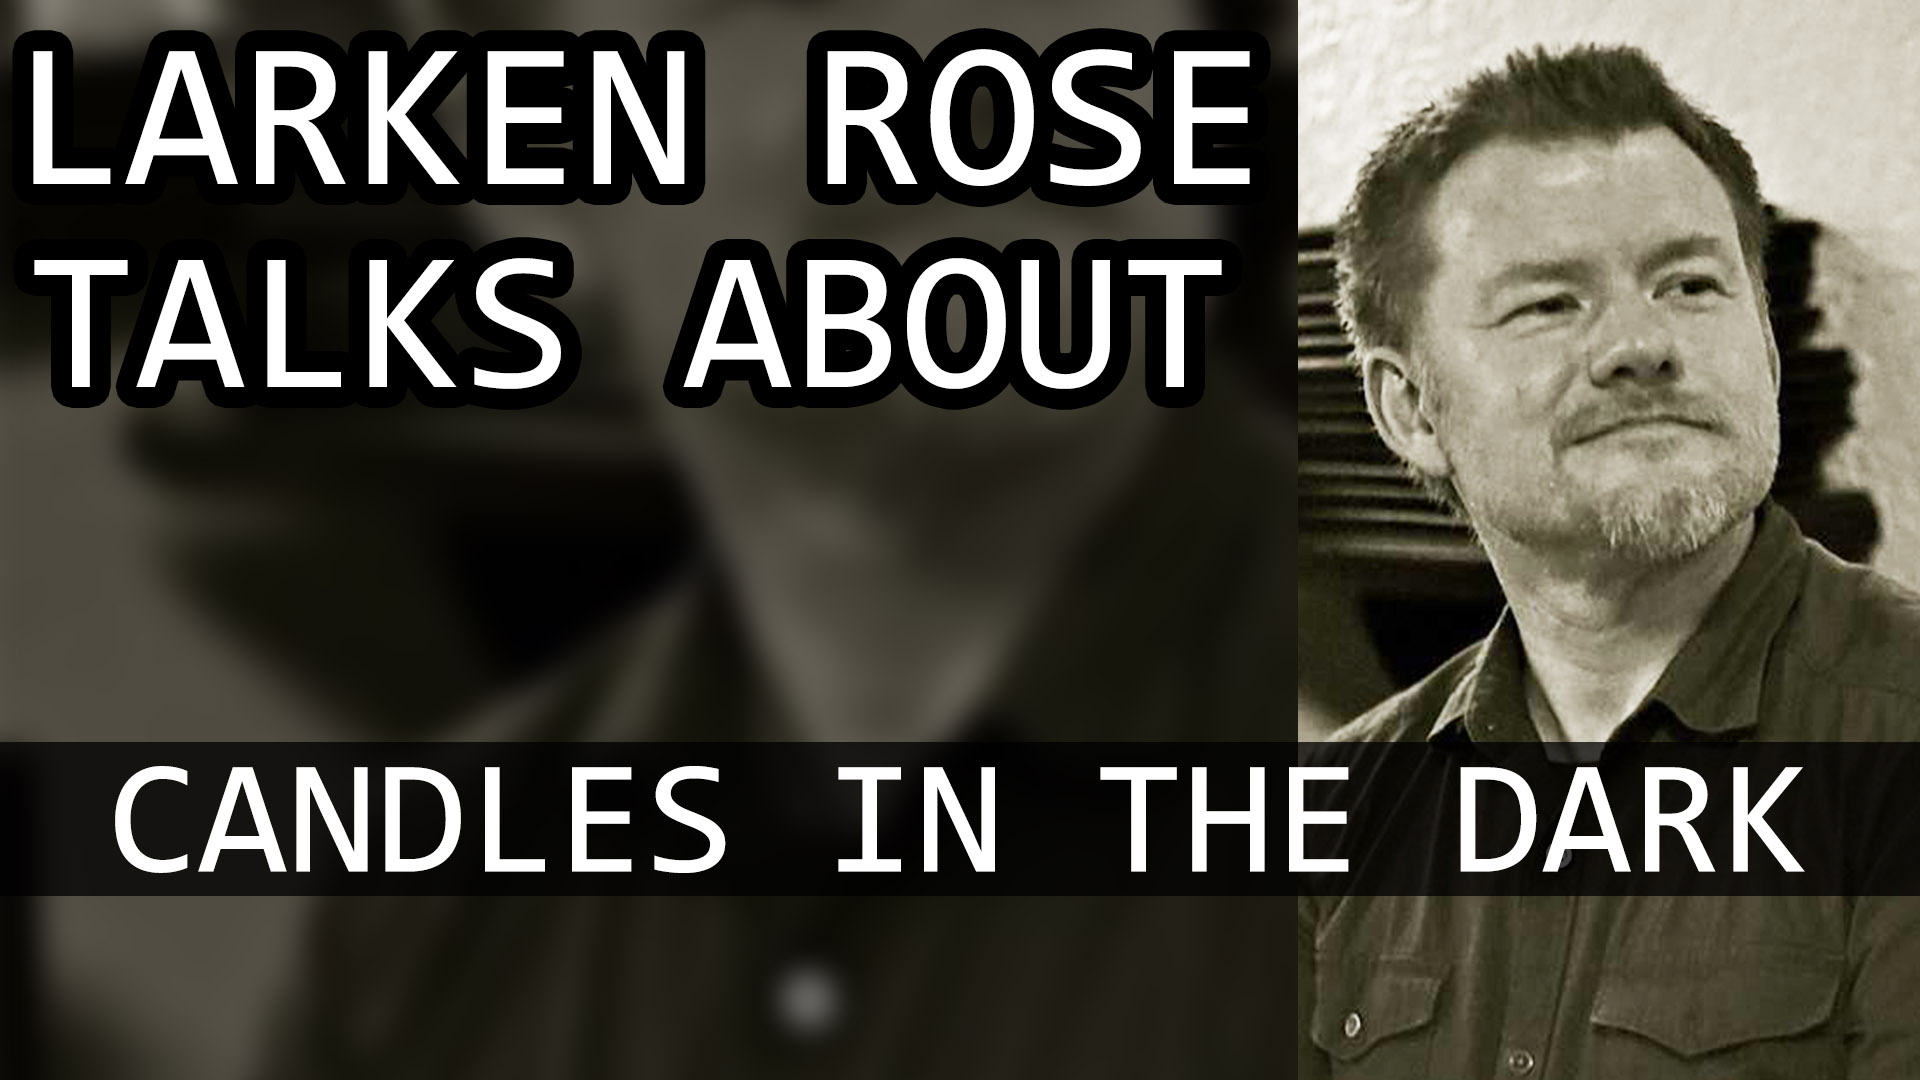 Larken Rose Candles in the Dark Info